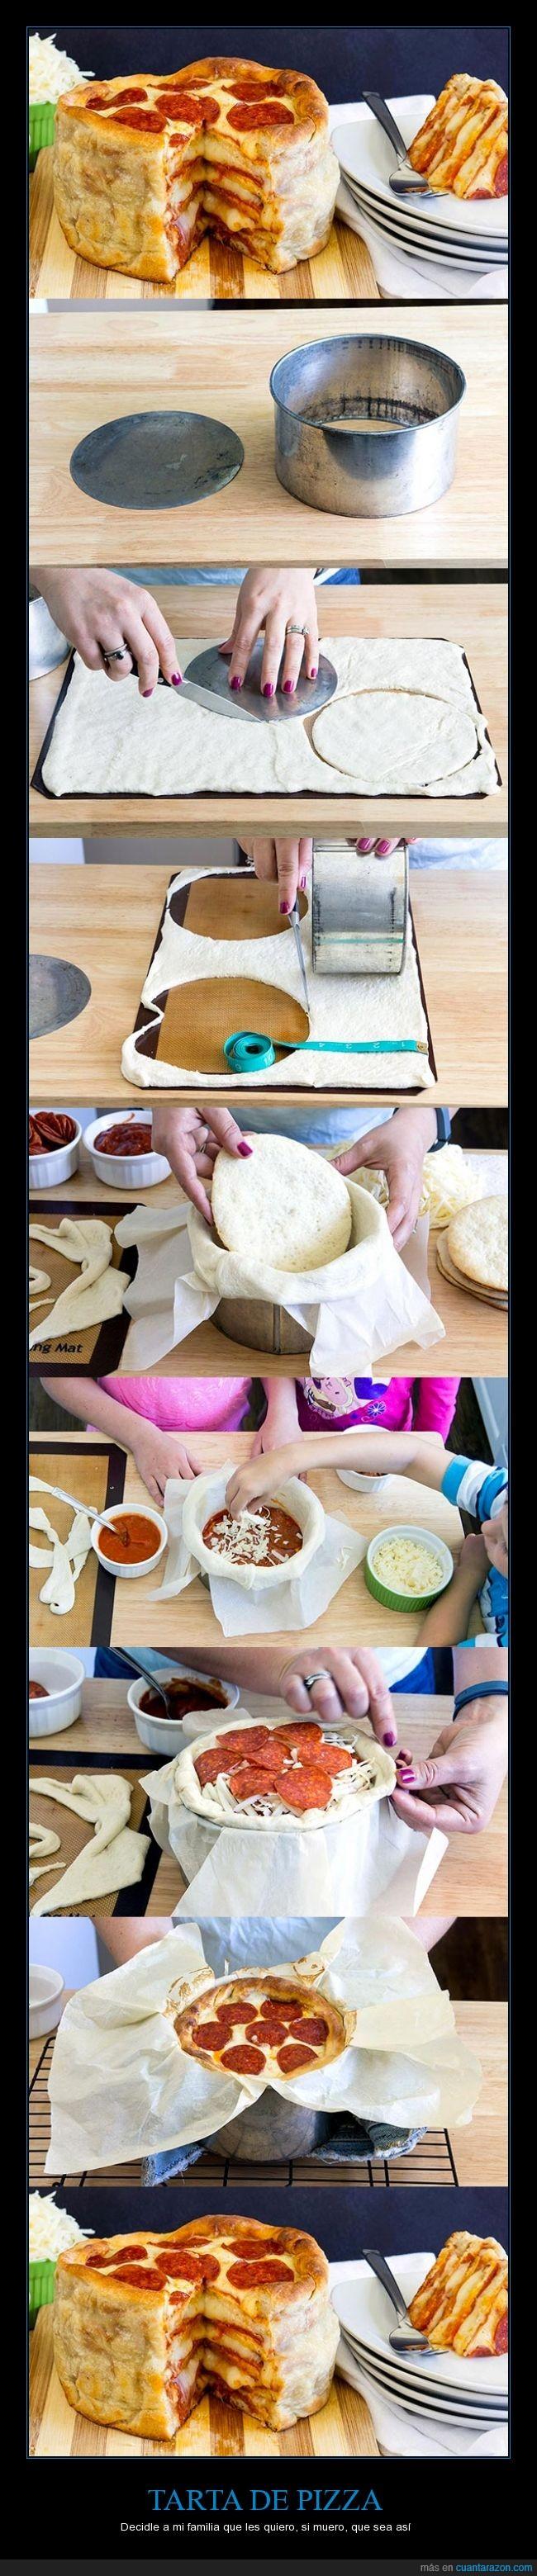 comer,cortar,delicia,delicioso,masa,pastel,peperoni,pizza,queso,receta